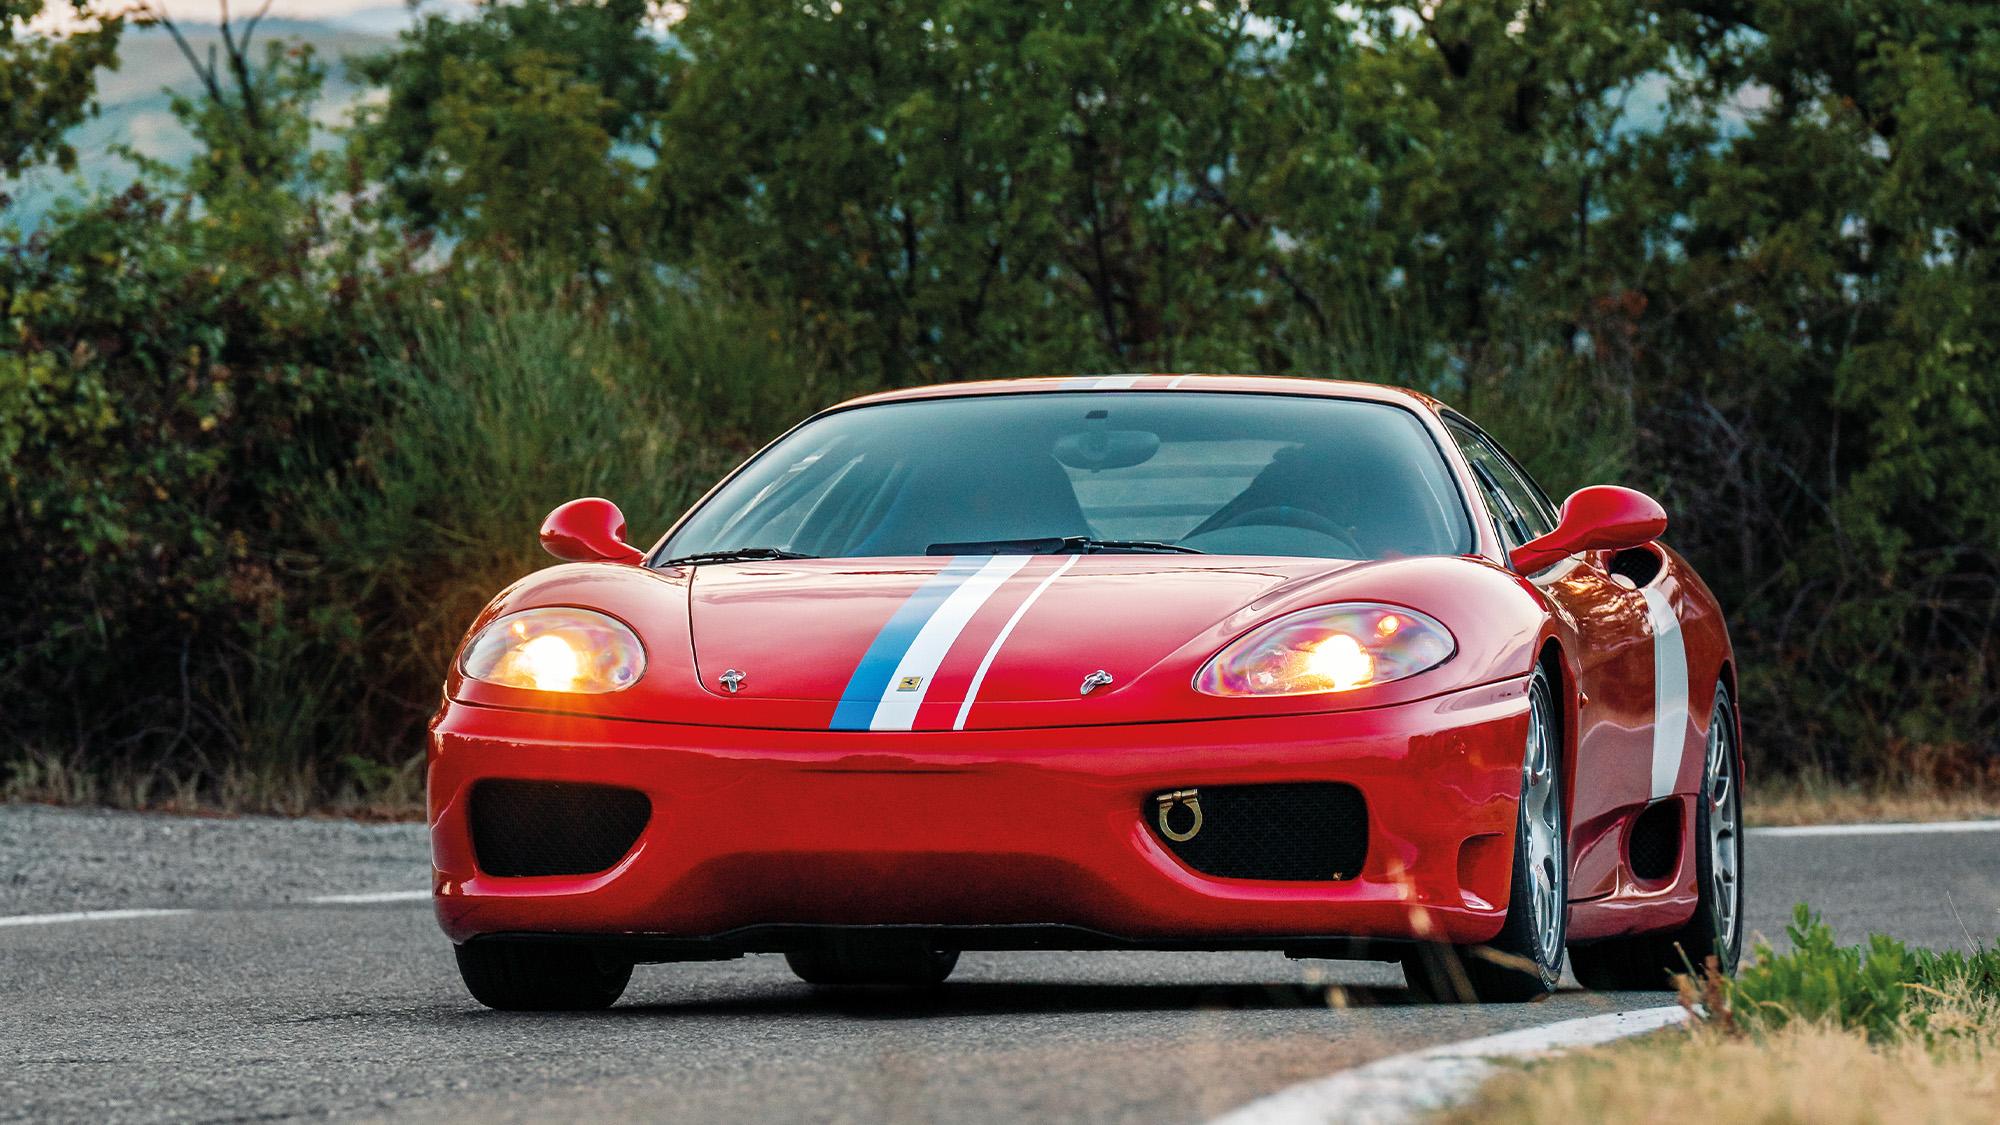 Ferrari 360 Modena front